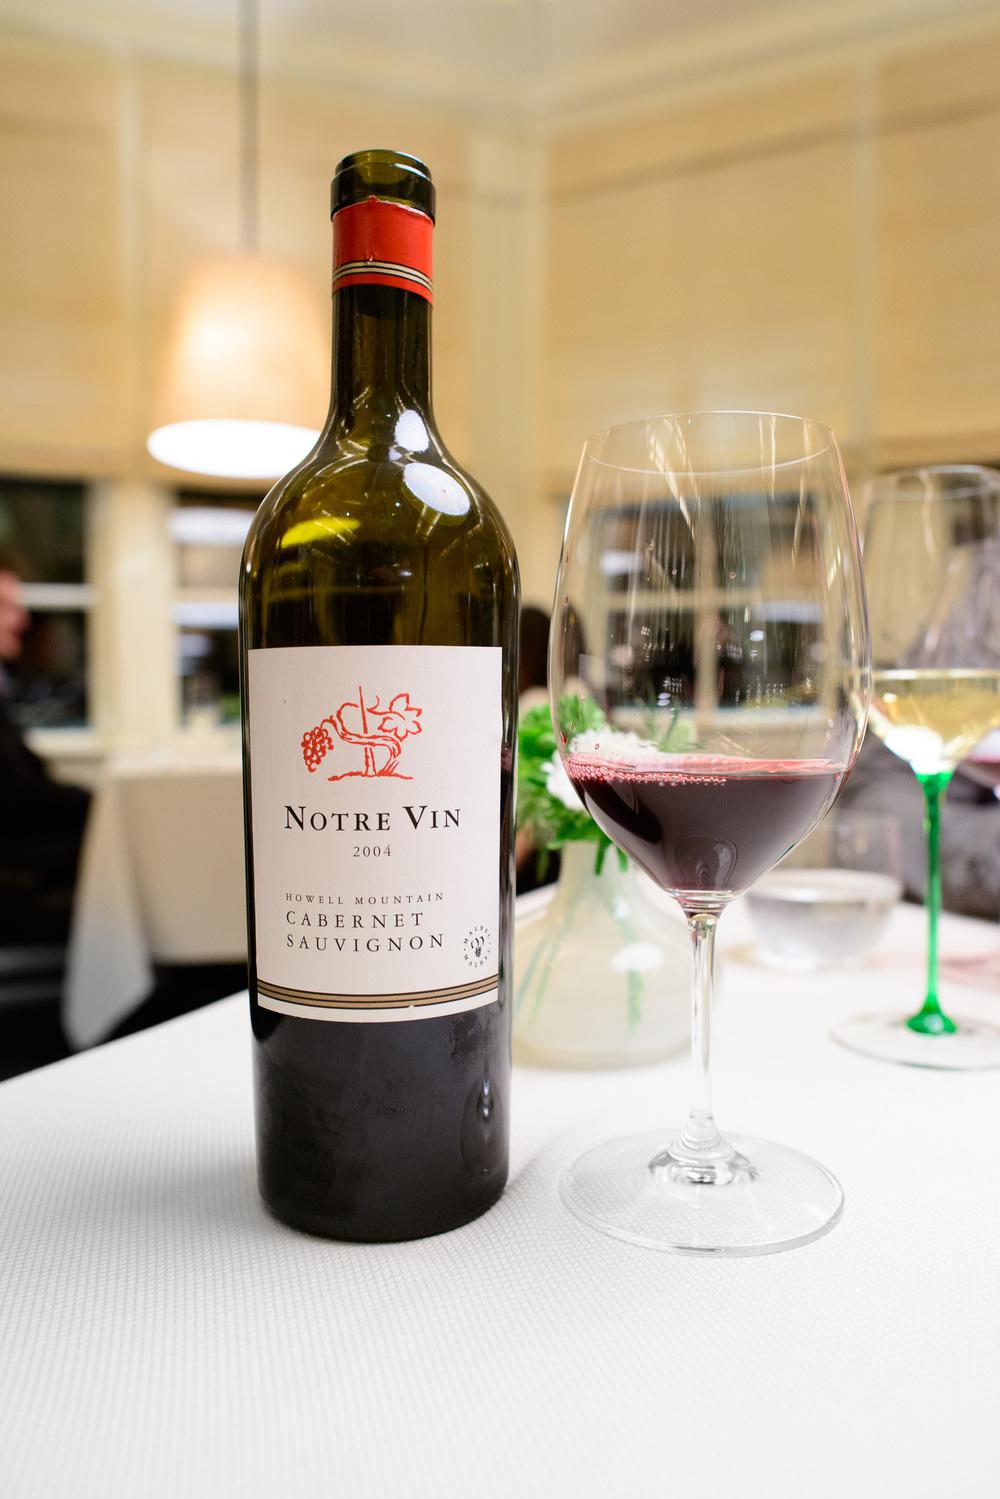 Notre Vin 2004, Cabernet Sauvignon